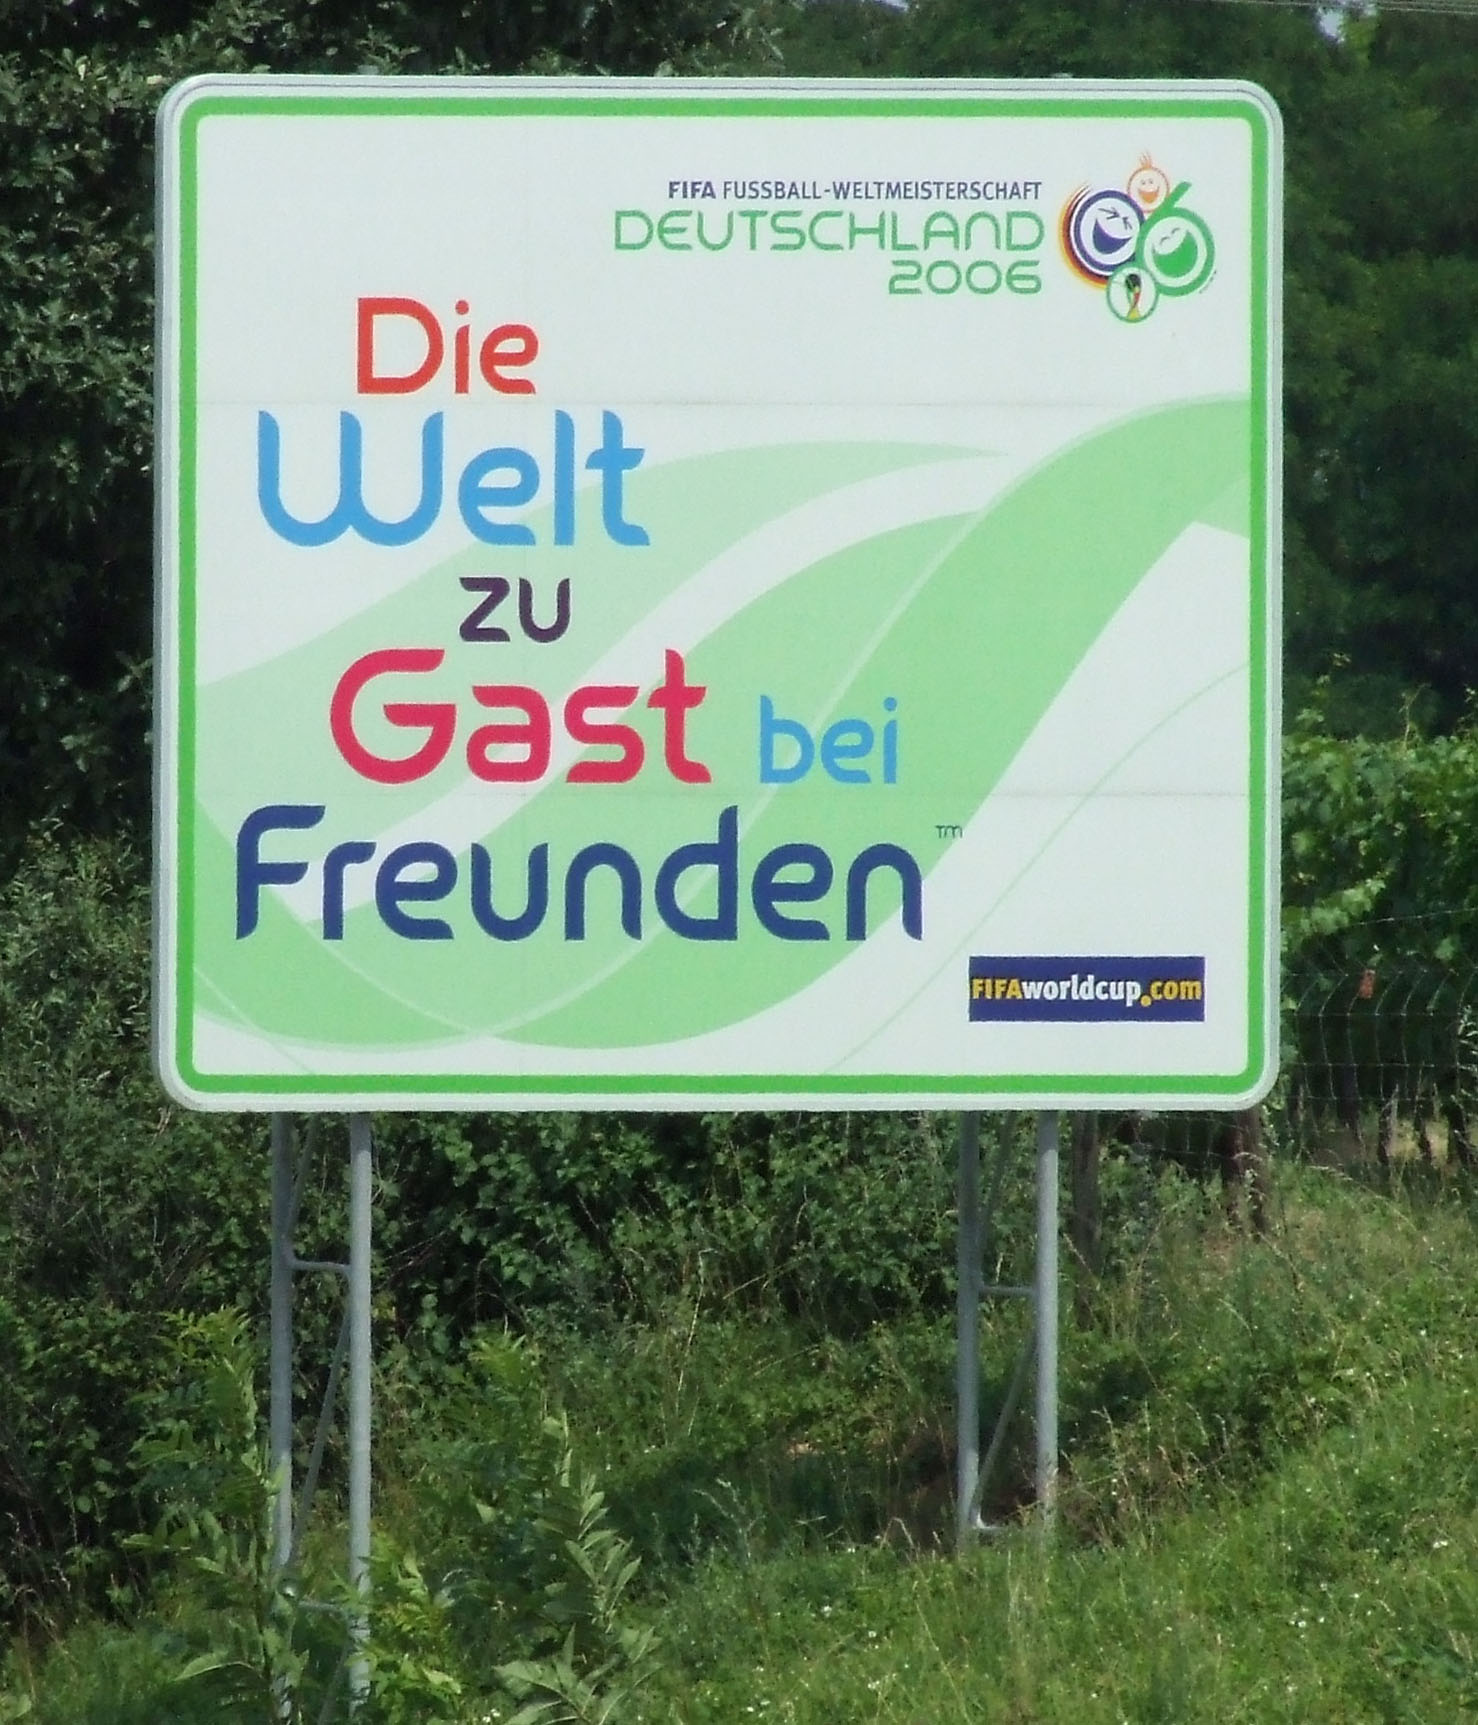 Image result for Die Welt zu Gast bei Freunden